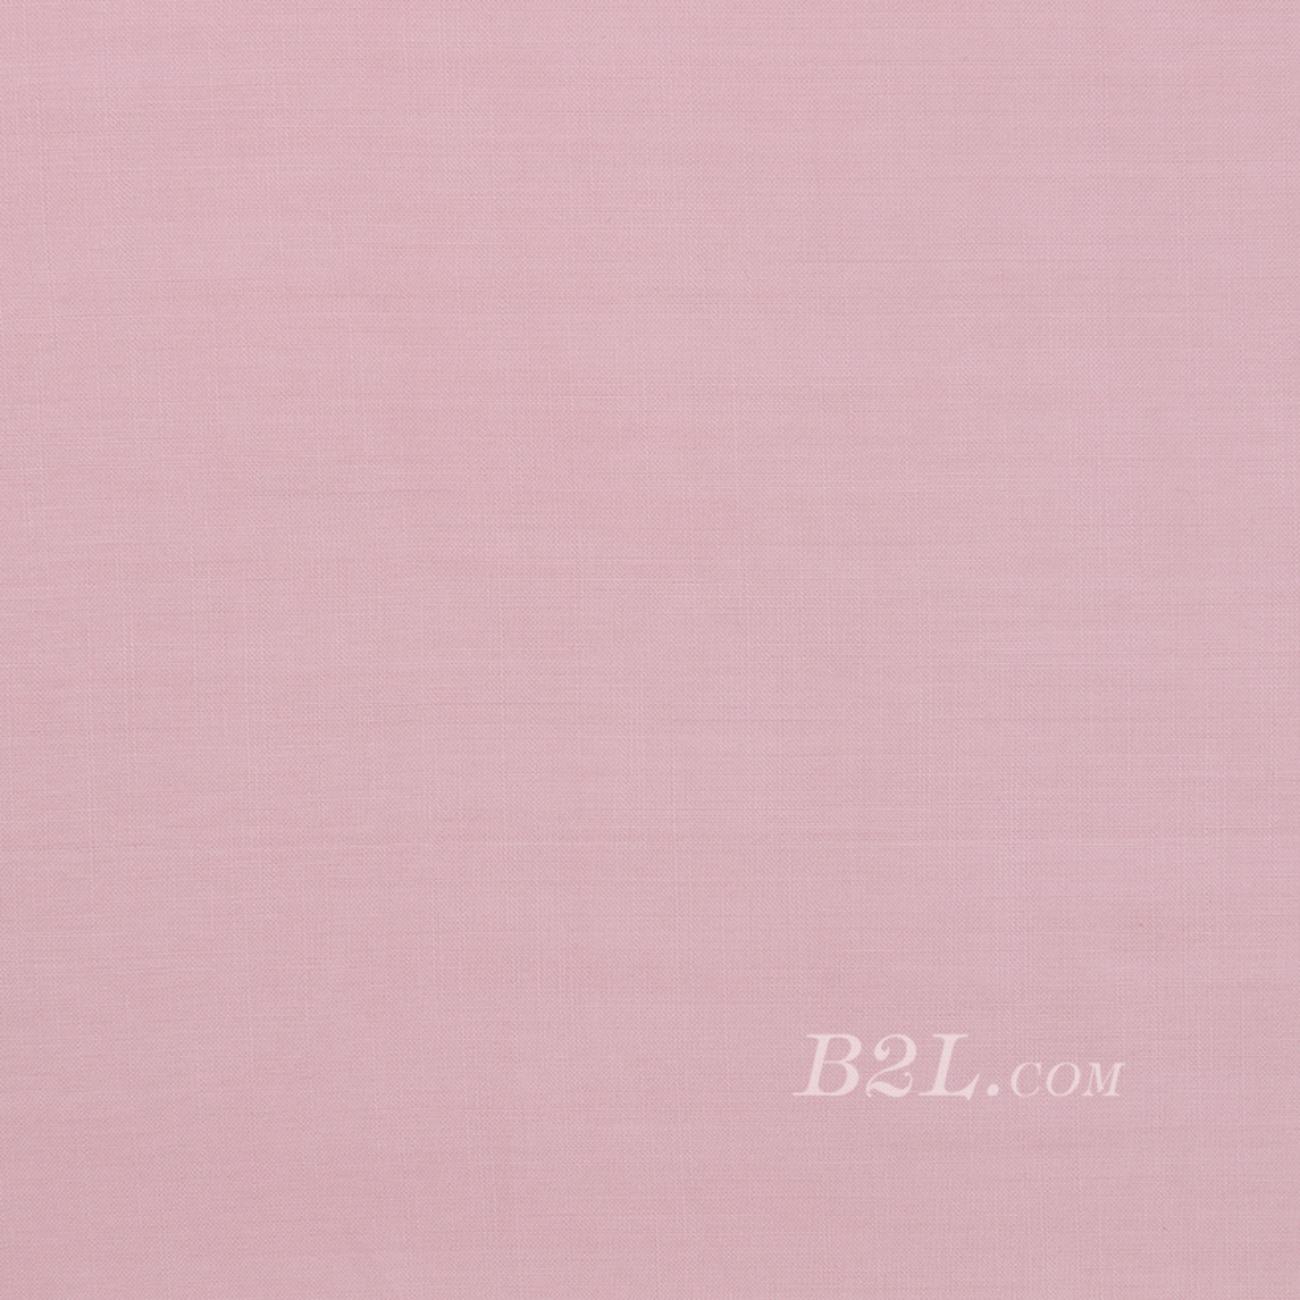 素色 梭织 竹节 染色 连衣裙 短裙 衬衫 无弹 春 秋 柔软 70724-18